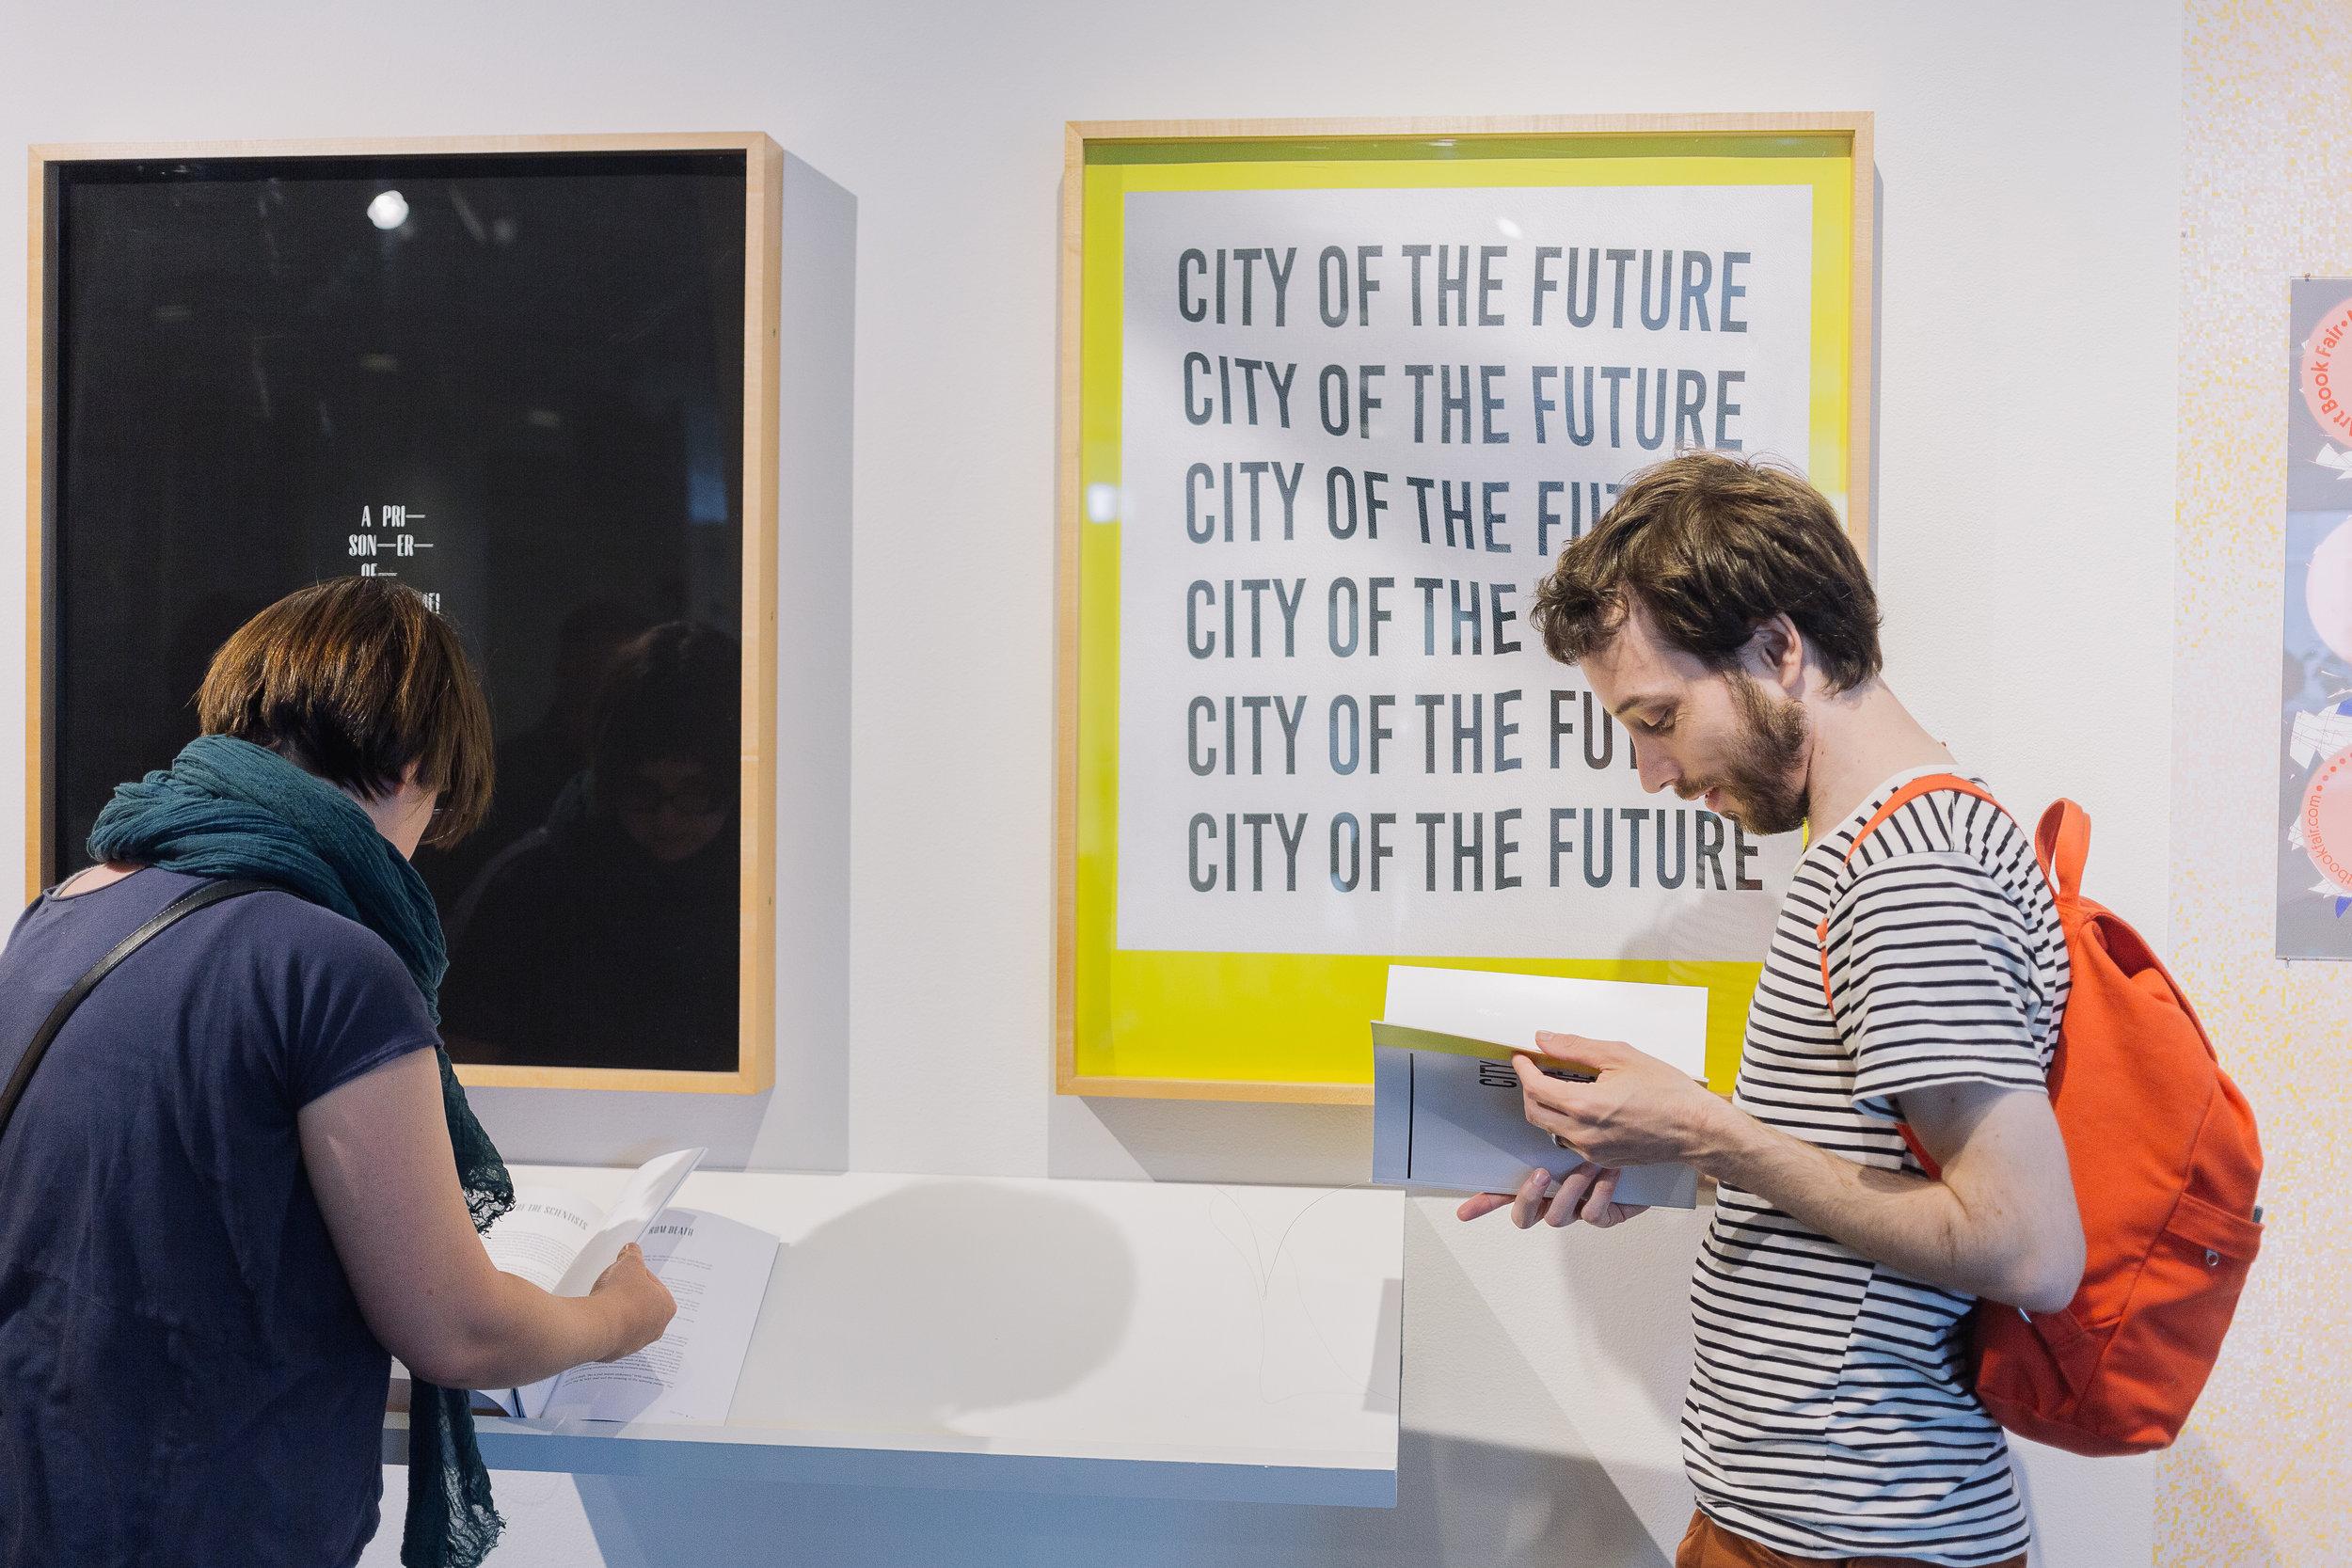 Senior design show at Minneapolis College of Art & Design.